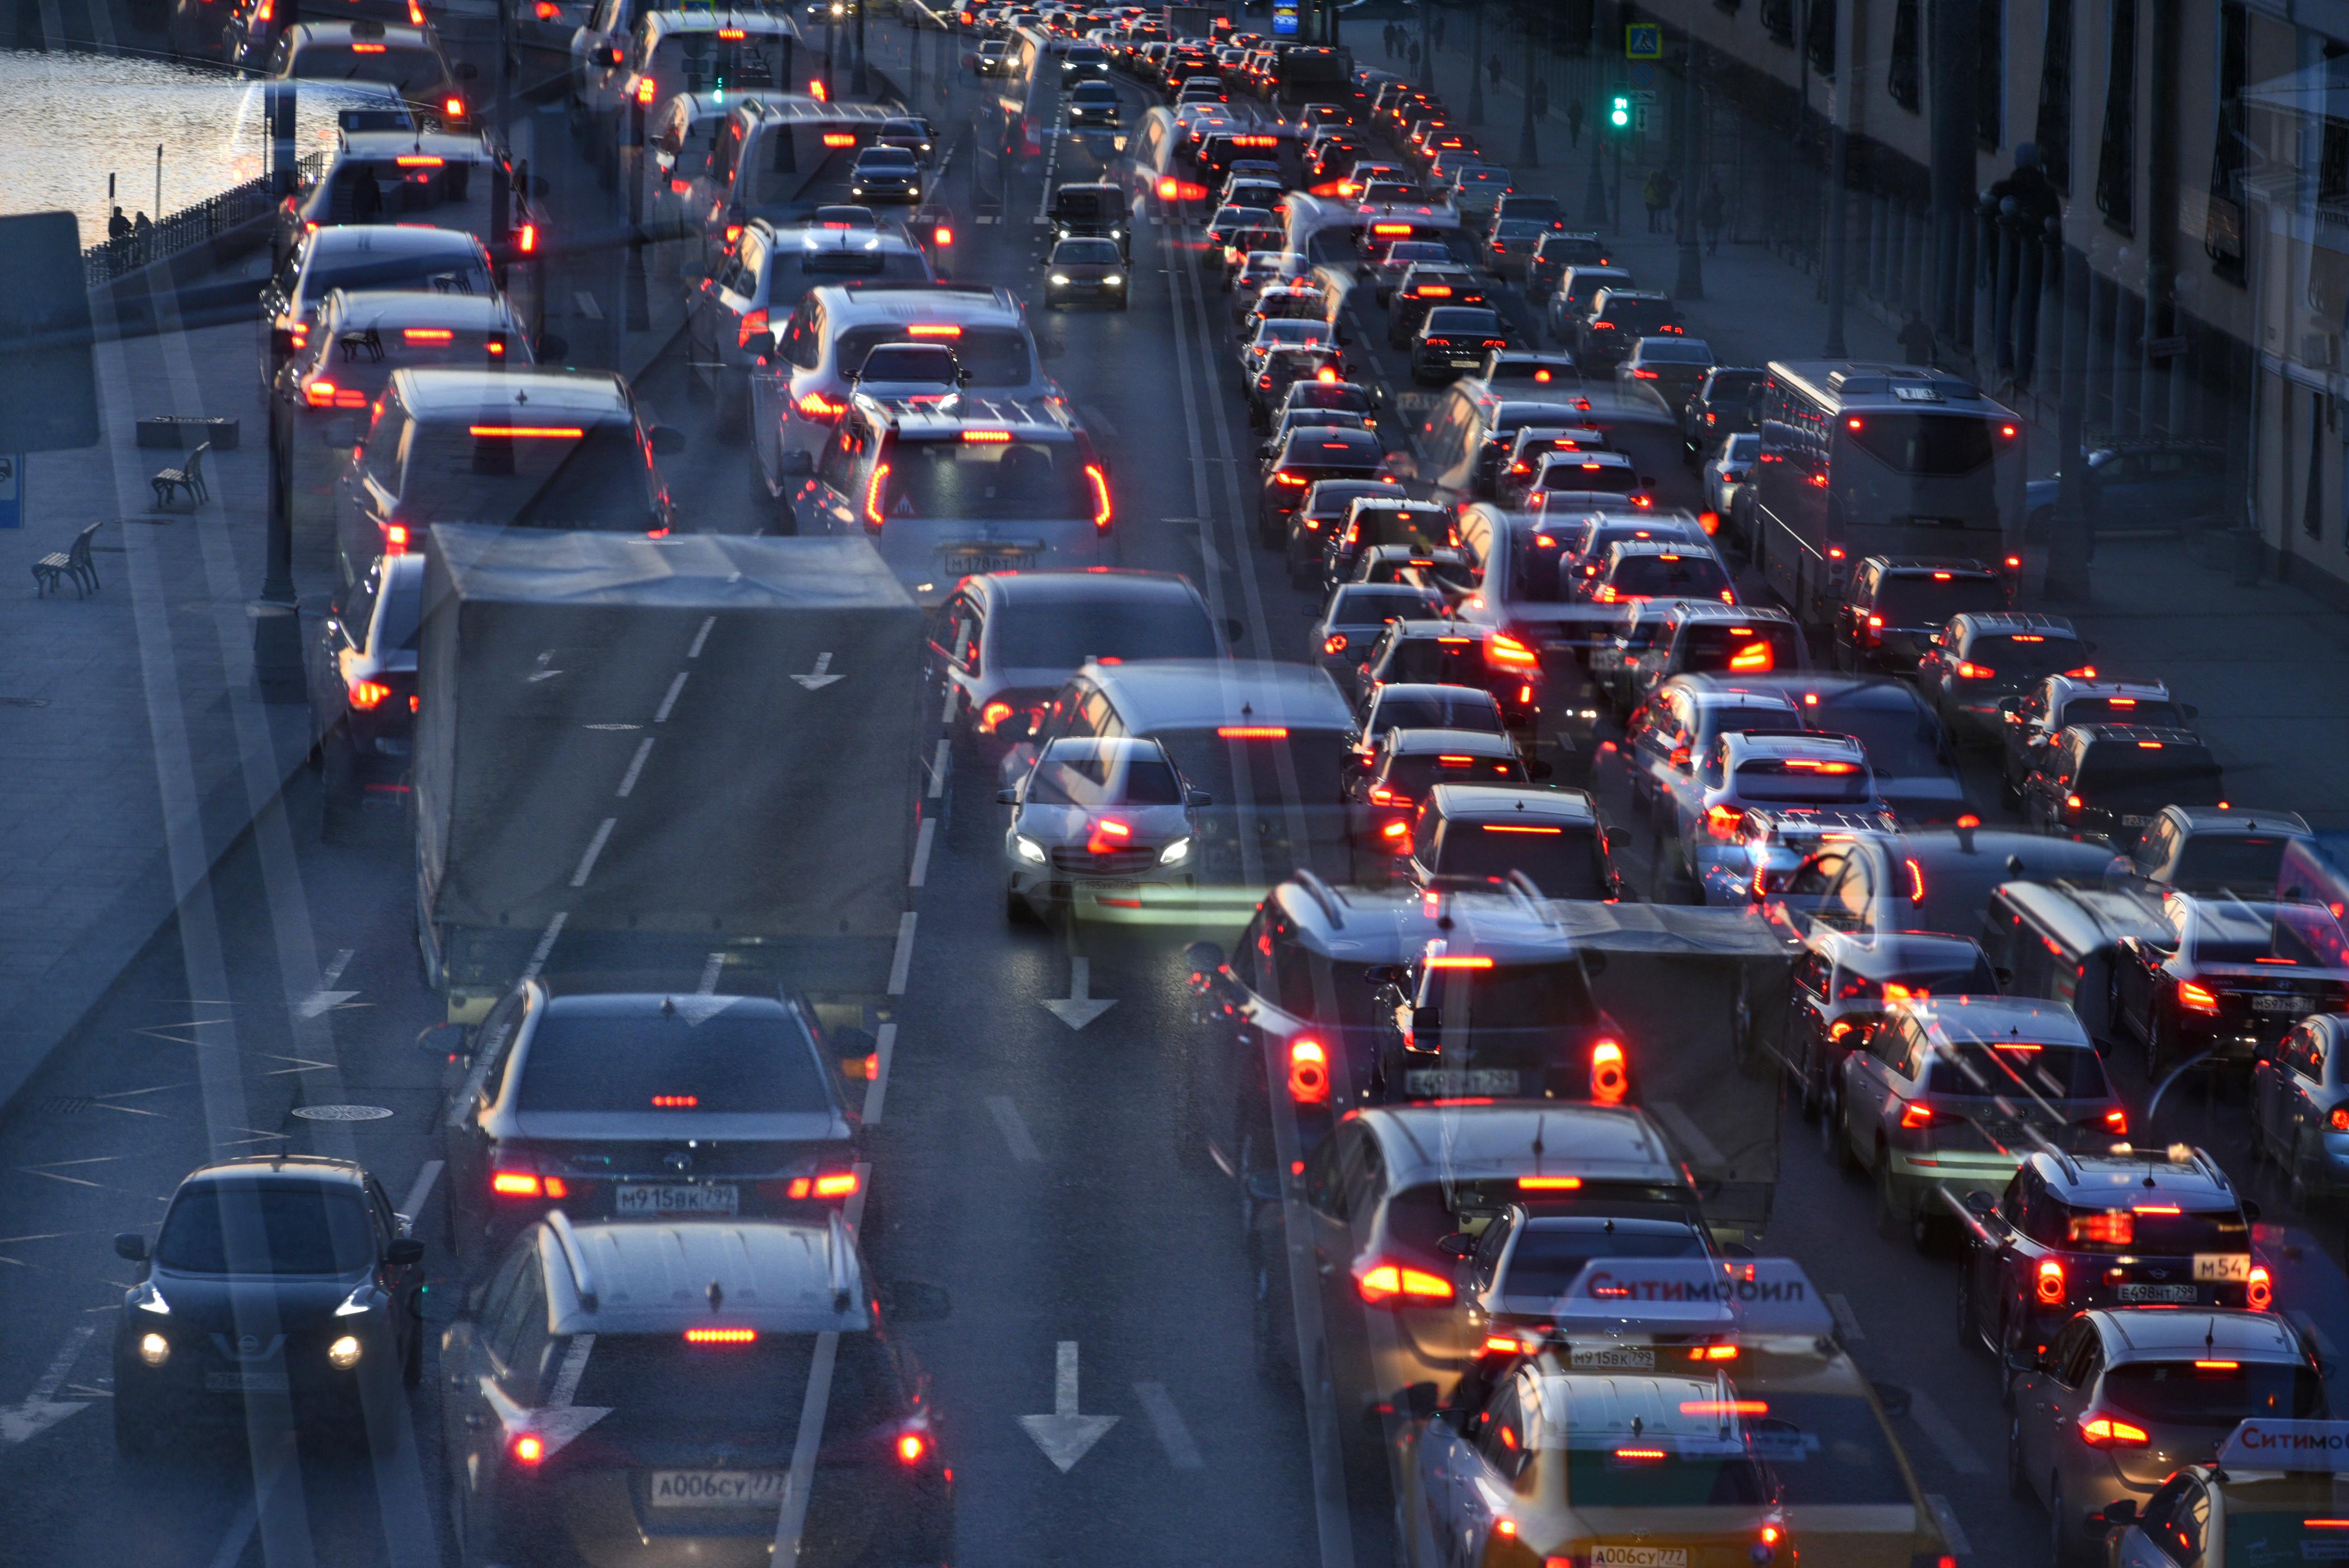 Московских водителей попросили пересесть на общественный транспорт из-за пробок